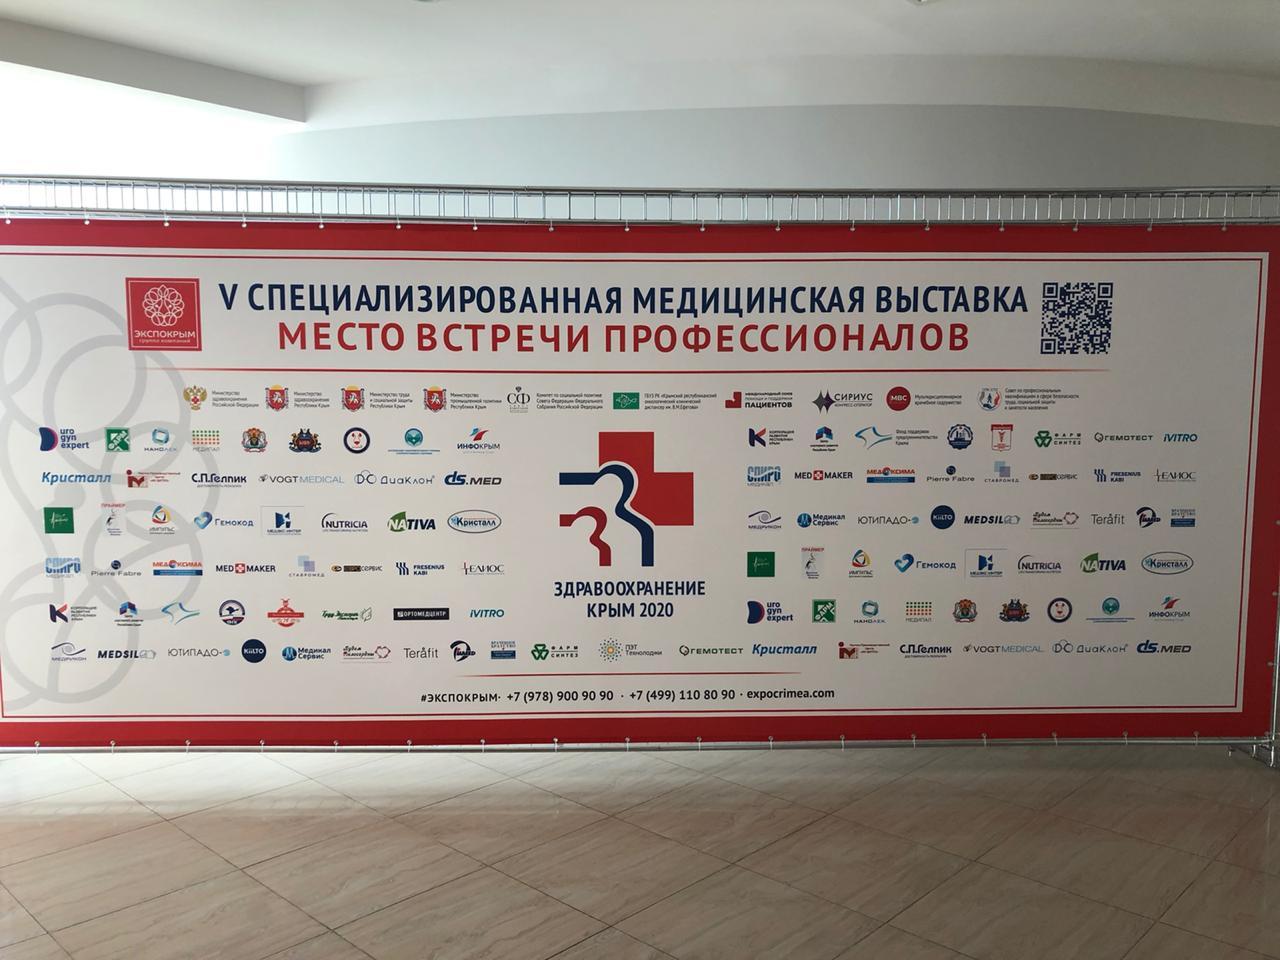 Выставка Здравоохранение. Крым 2020